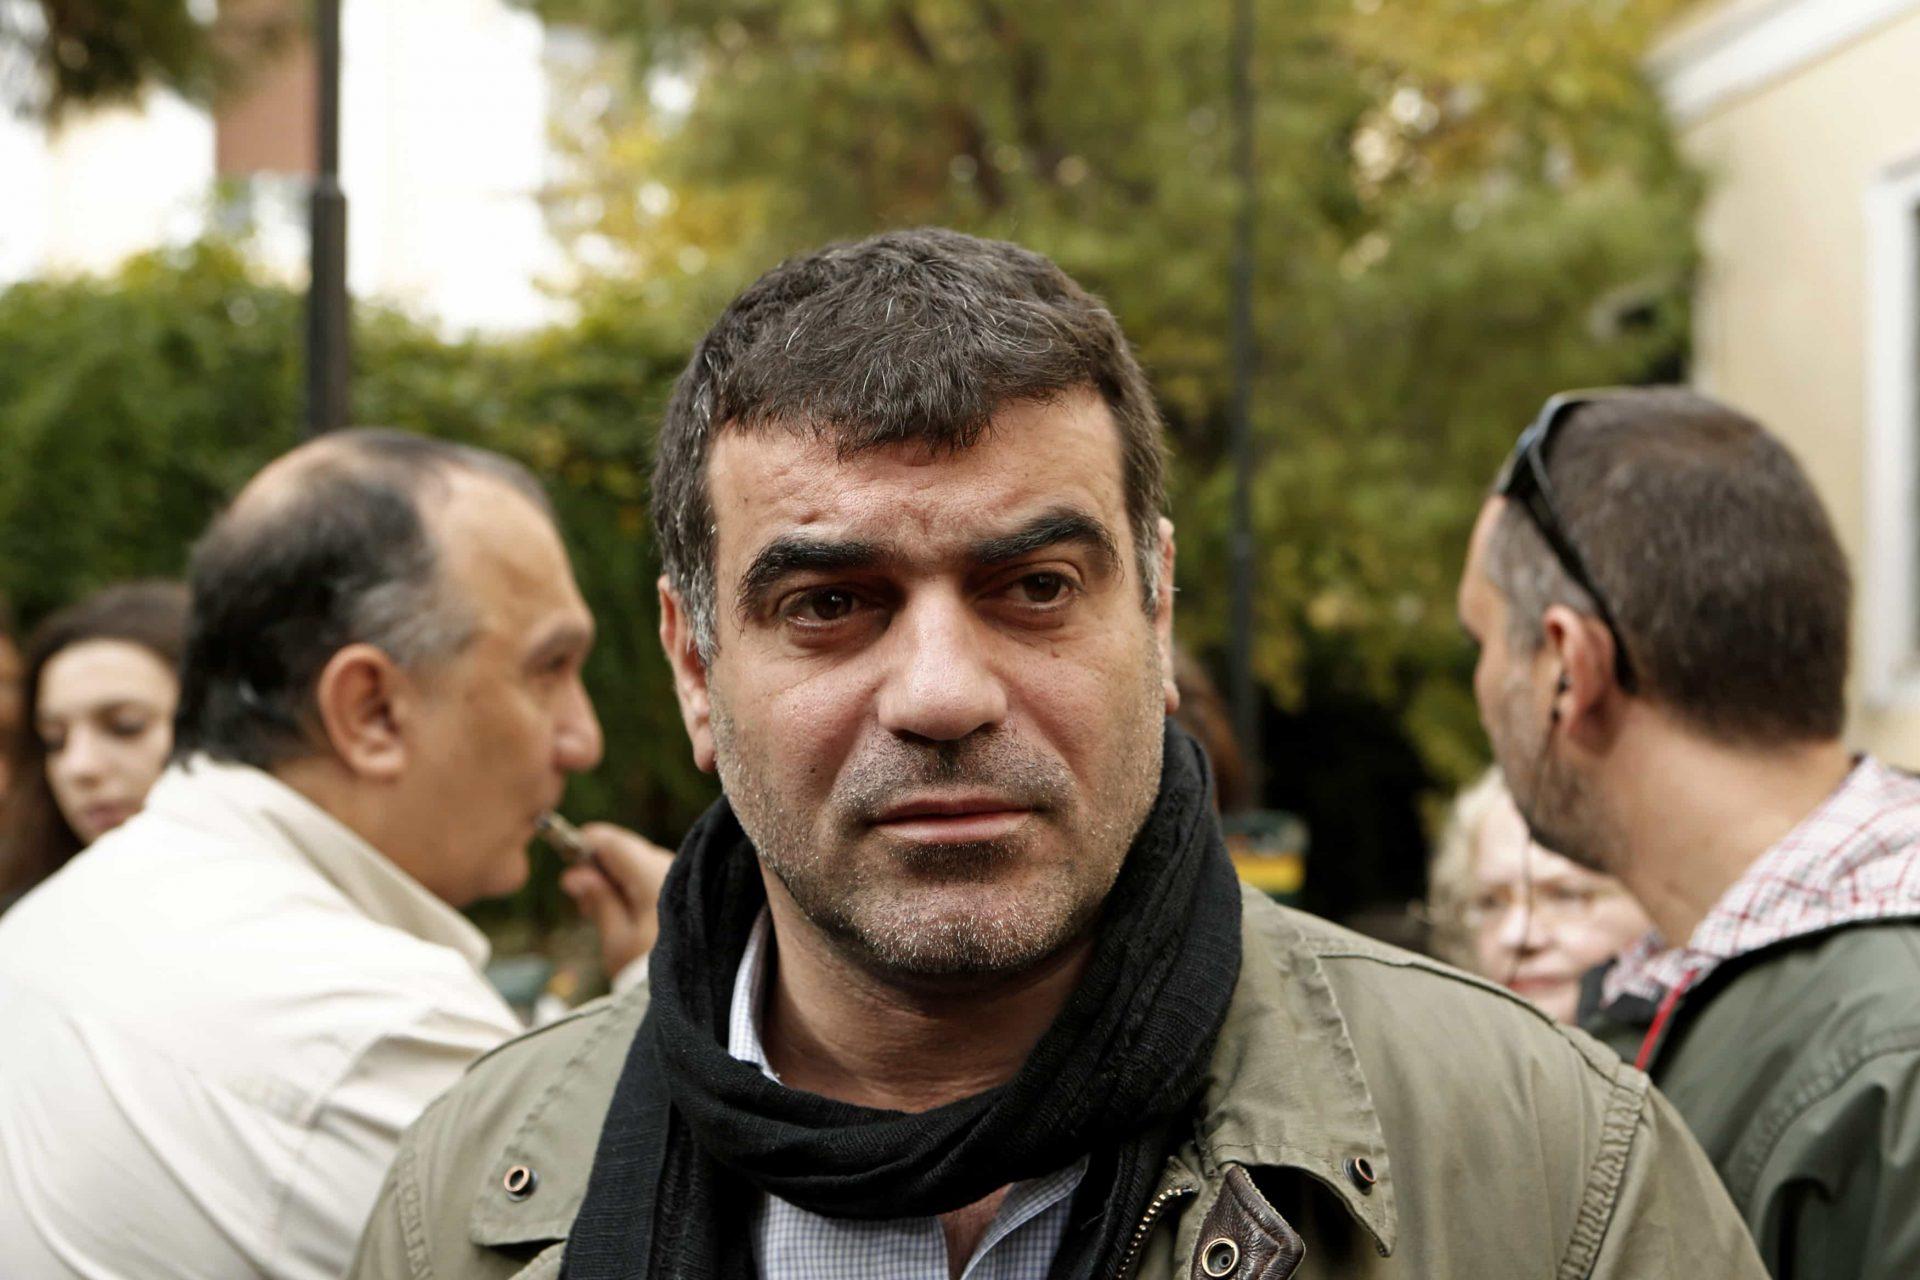 Un jurnalist grec a aflat că este ținta unui asasinat, cu trei zile înainte ca un alt reporter să fie ucis în Atena